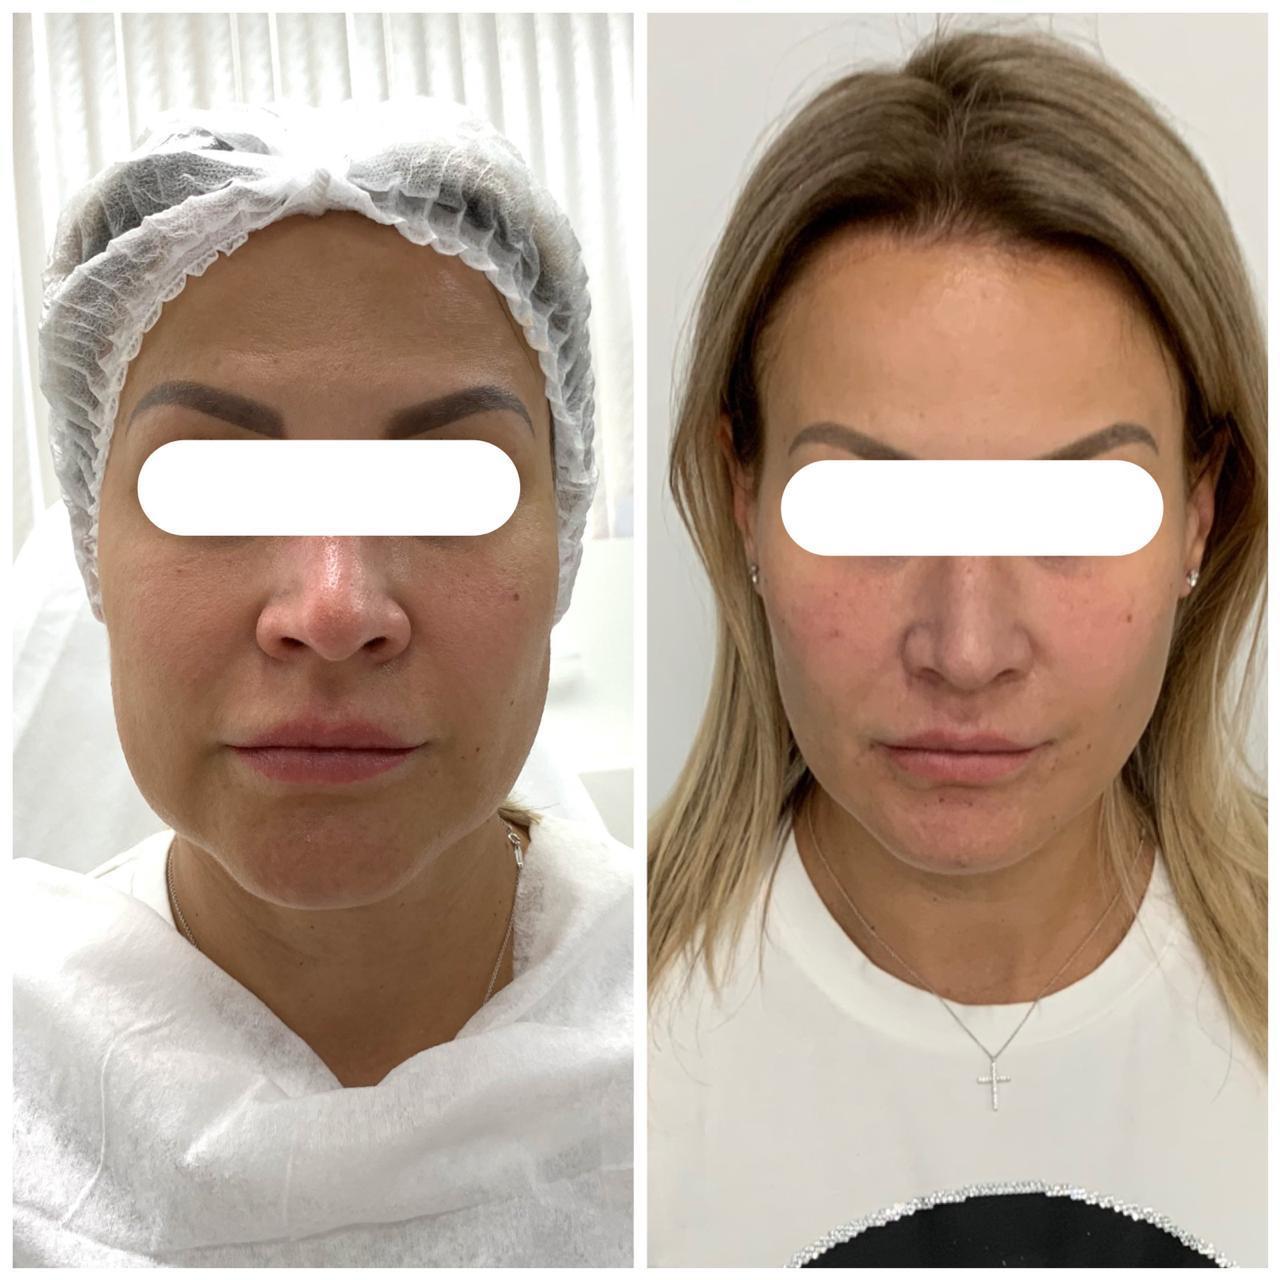 Результат до и после процедуры. Фото: клиники Ольги Мороз